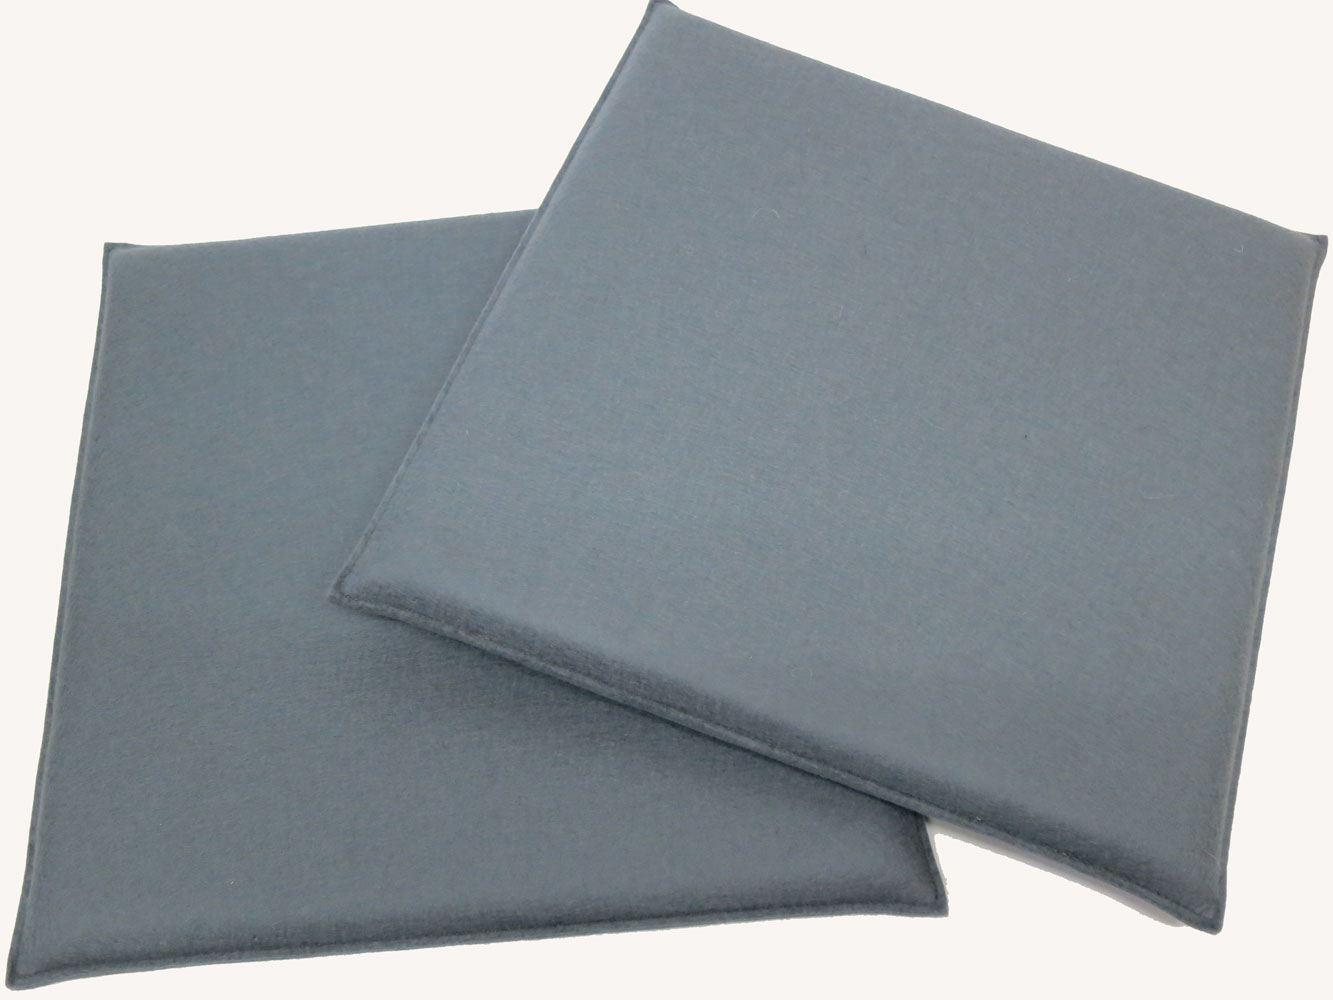 eckige sitzkissen aus filz ma e 37 x 37 cm in vielen farben. Black Bedroom Furniture Sets. Home Design Ideas